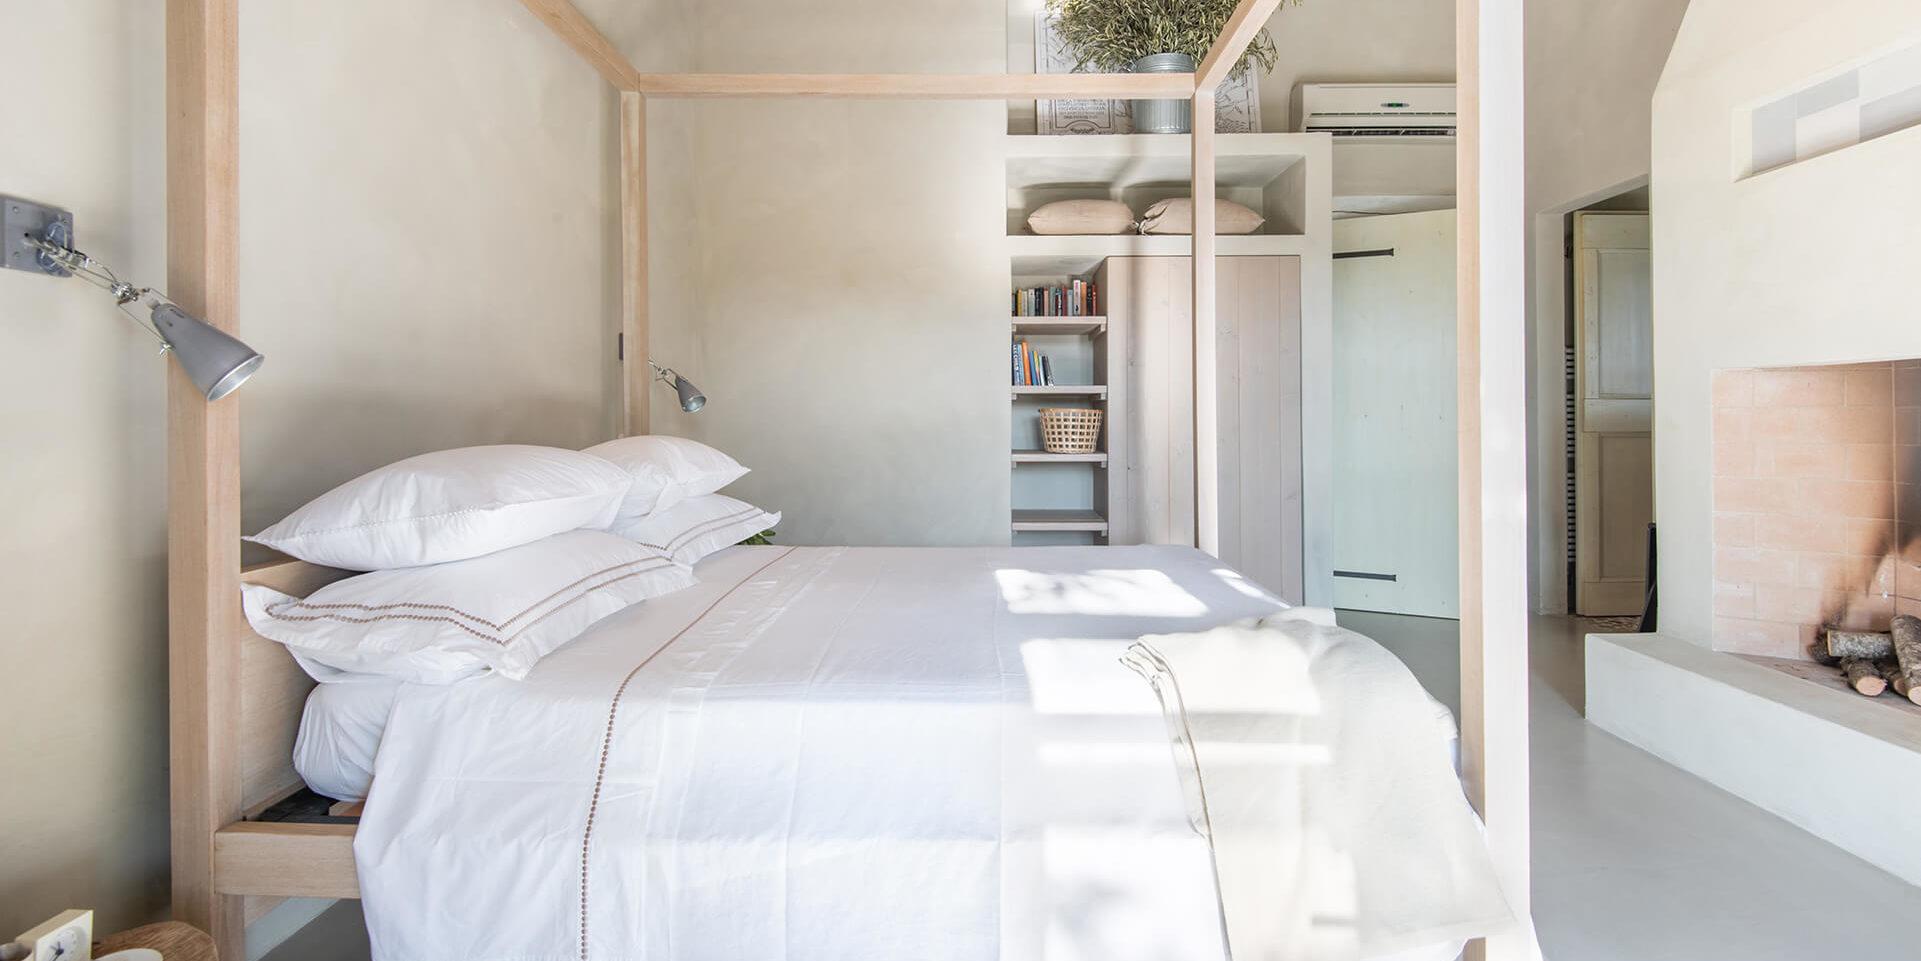 Agri Segretum Bedroom